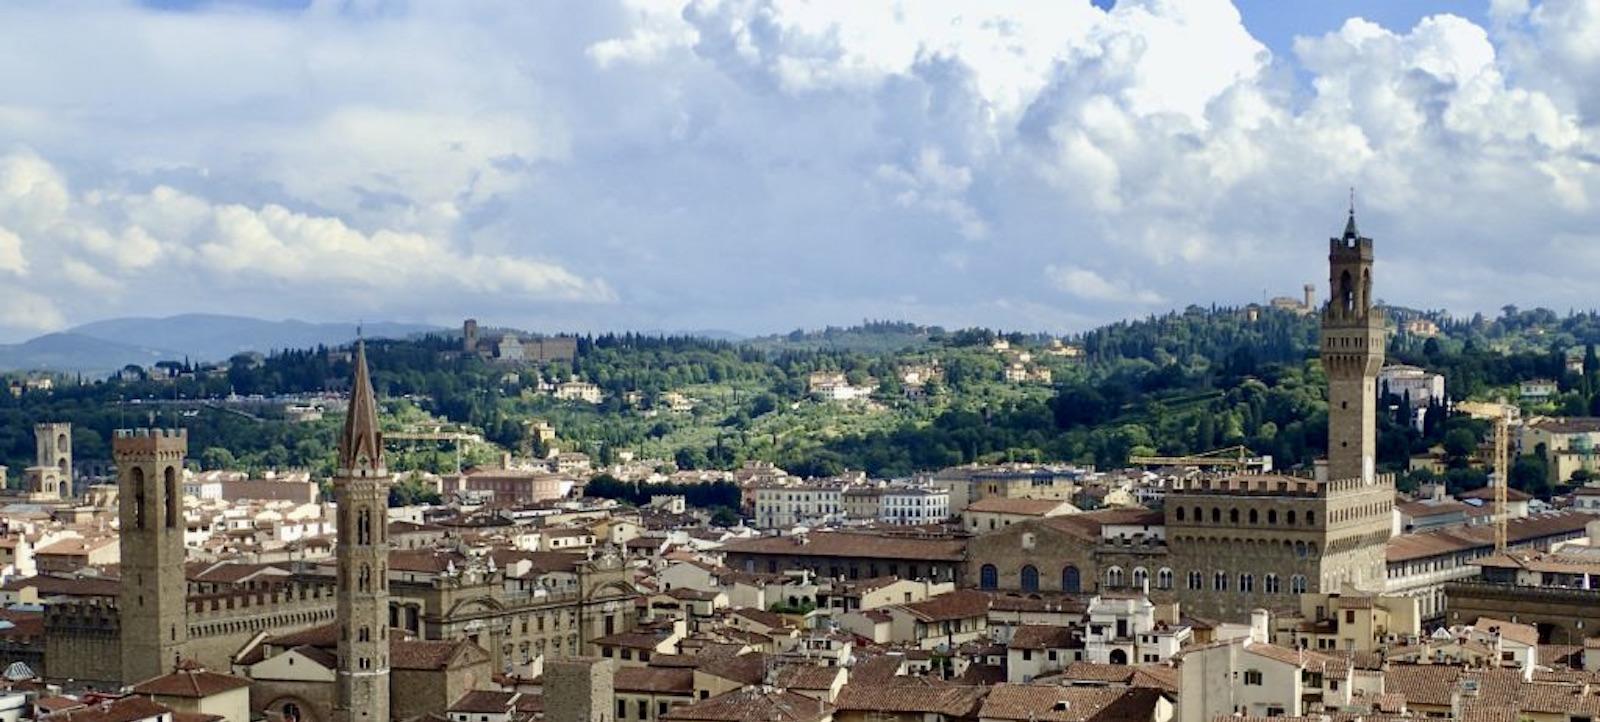 skyline di Firenze con torri rinascimentali e colline